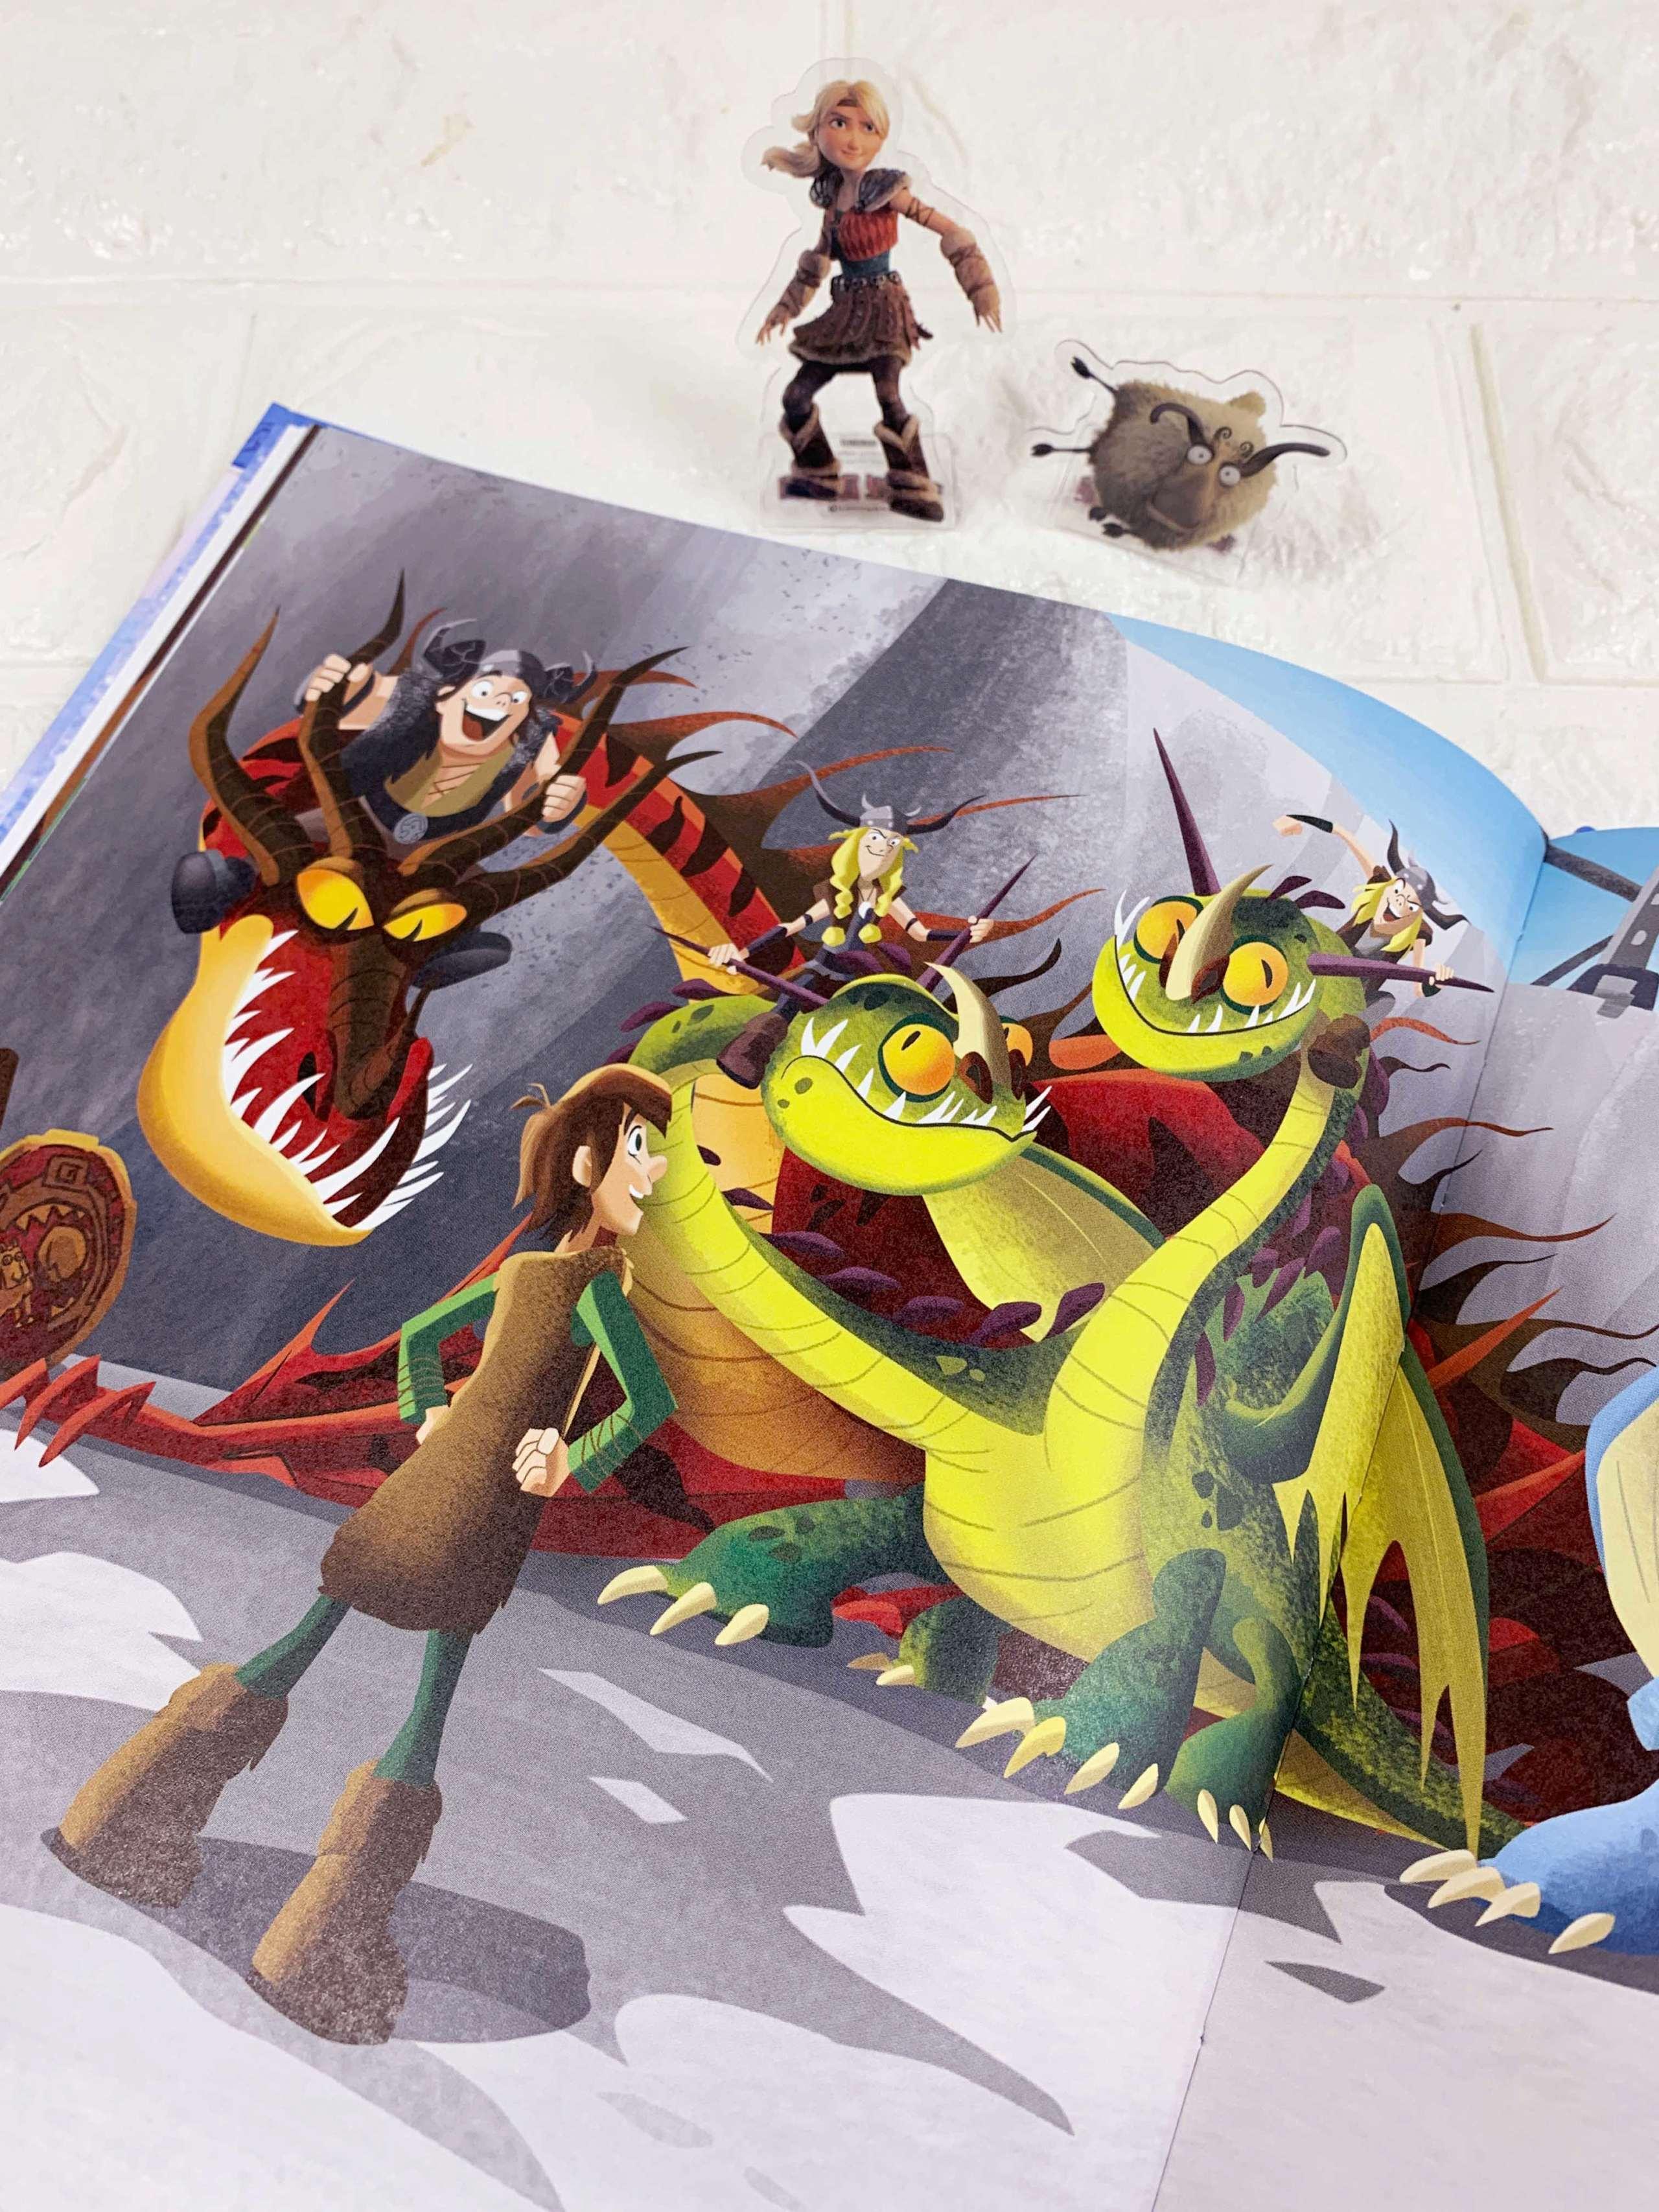 環球影業官方授權童書繪本 《馴龍高手故事繪本1:夢想的起點》 長得瘦弱矮小,就註定失敗了嗎? Iuoooo11